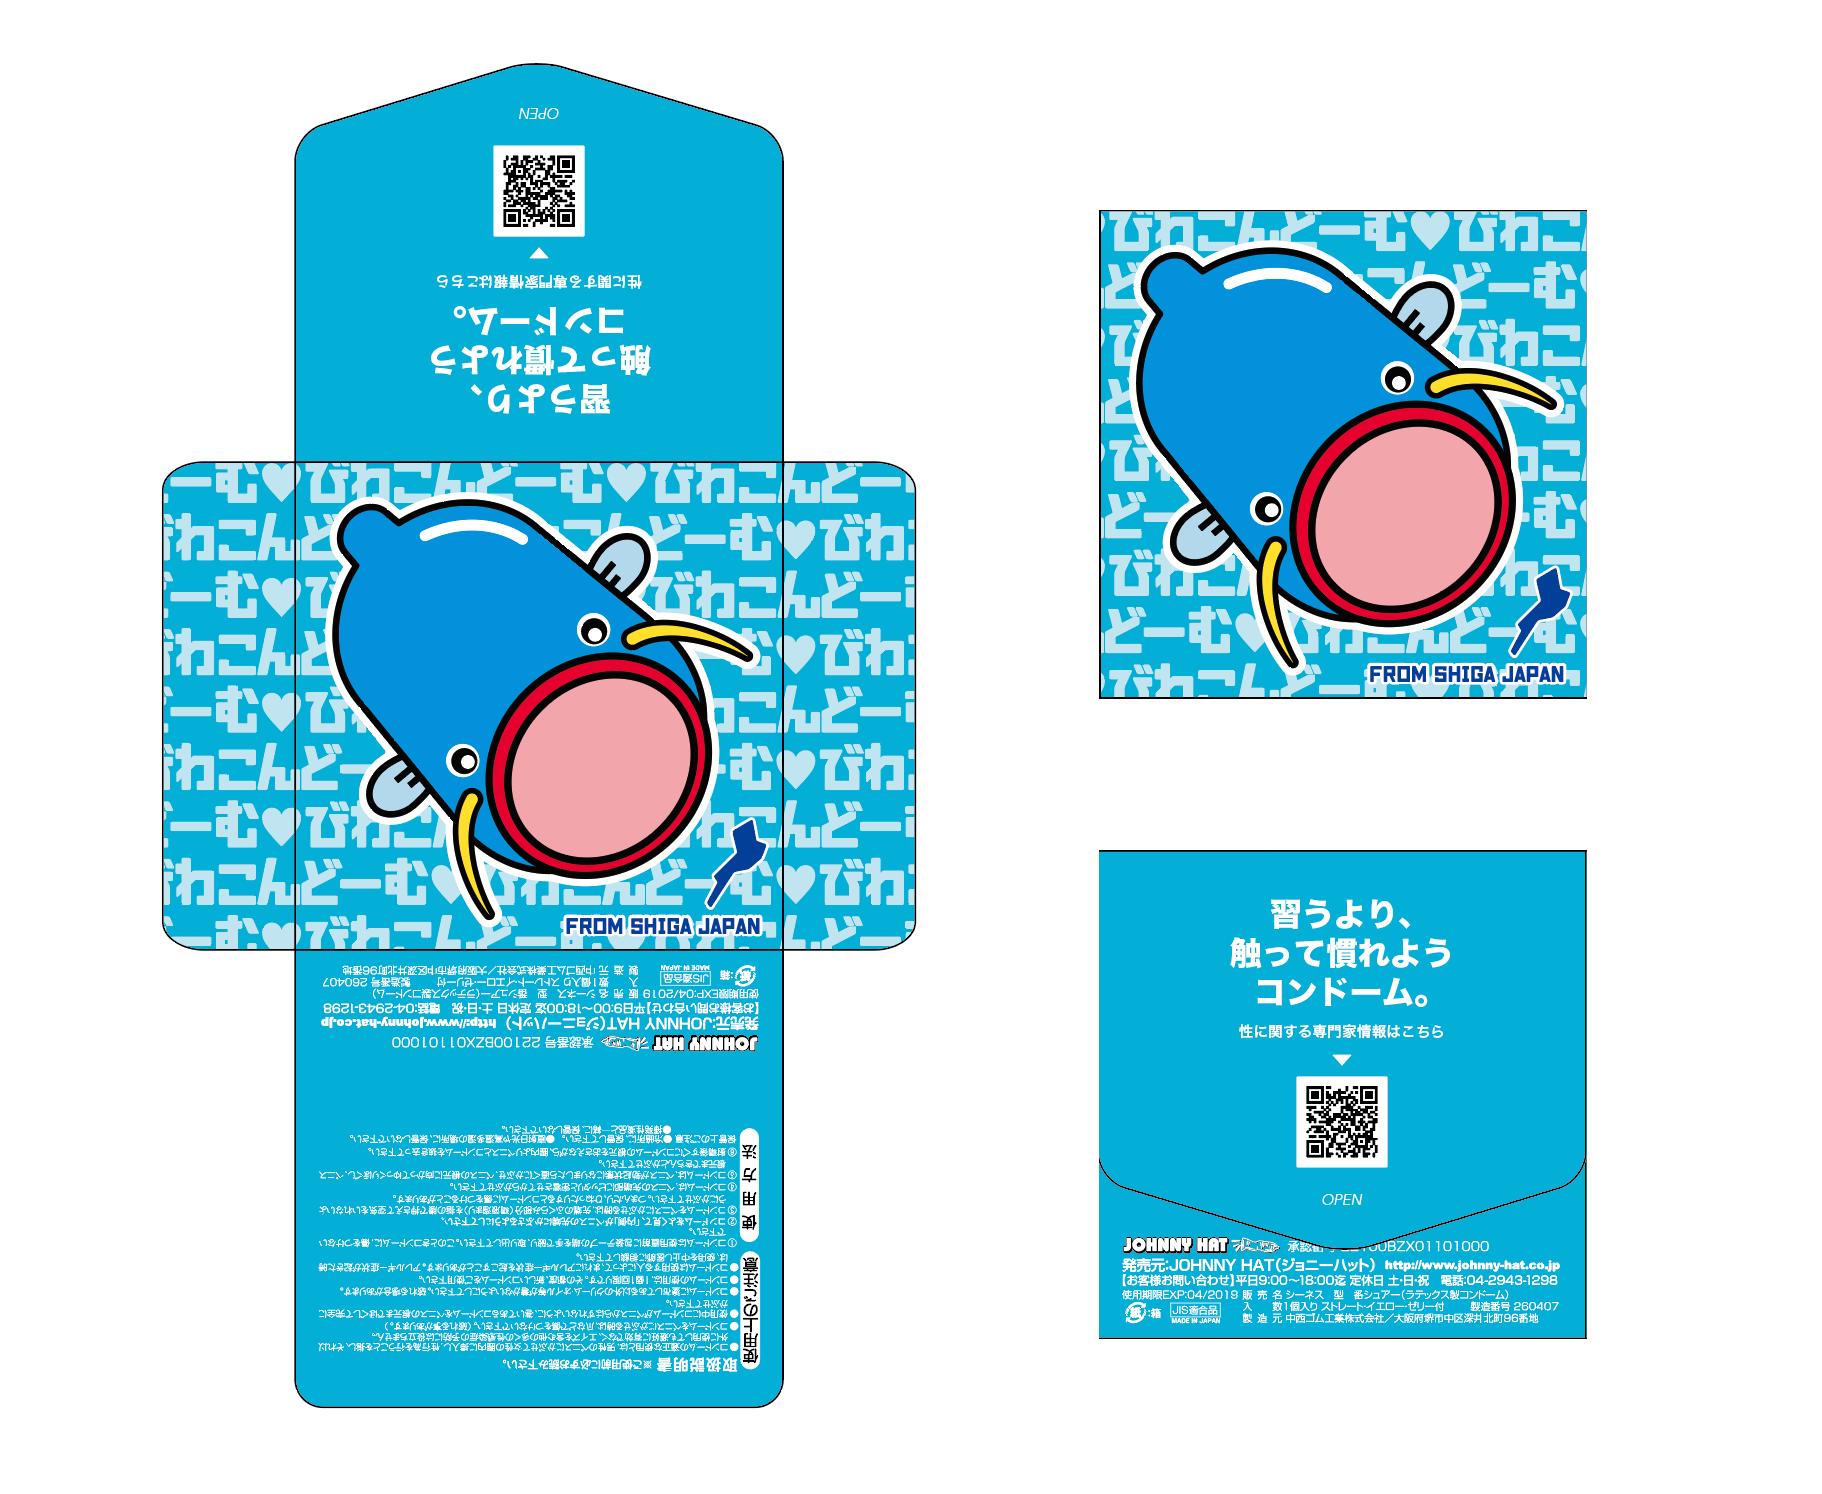 びわこんどーむのパッケージデザイン=清水さん提供